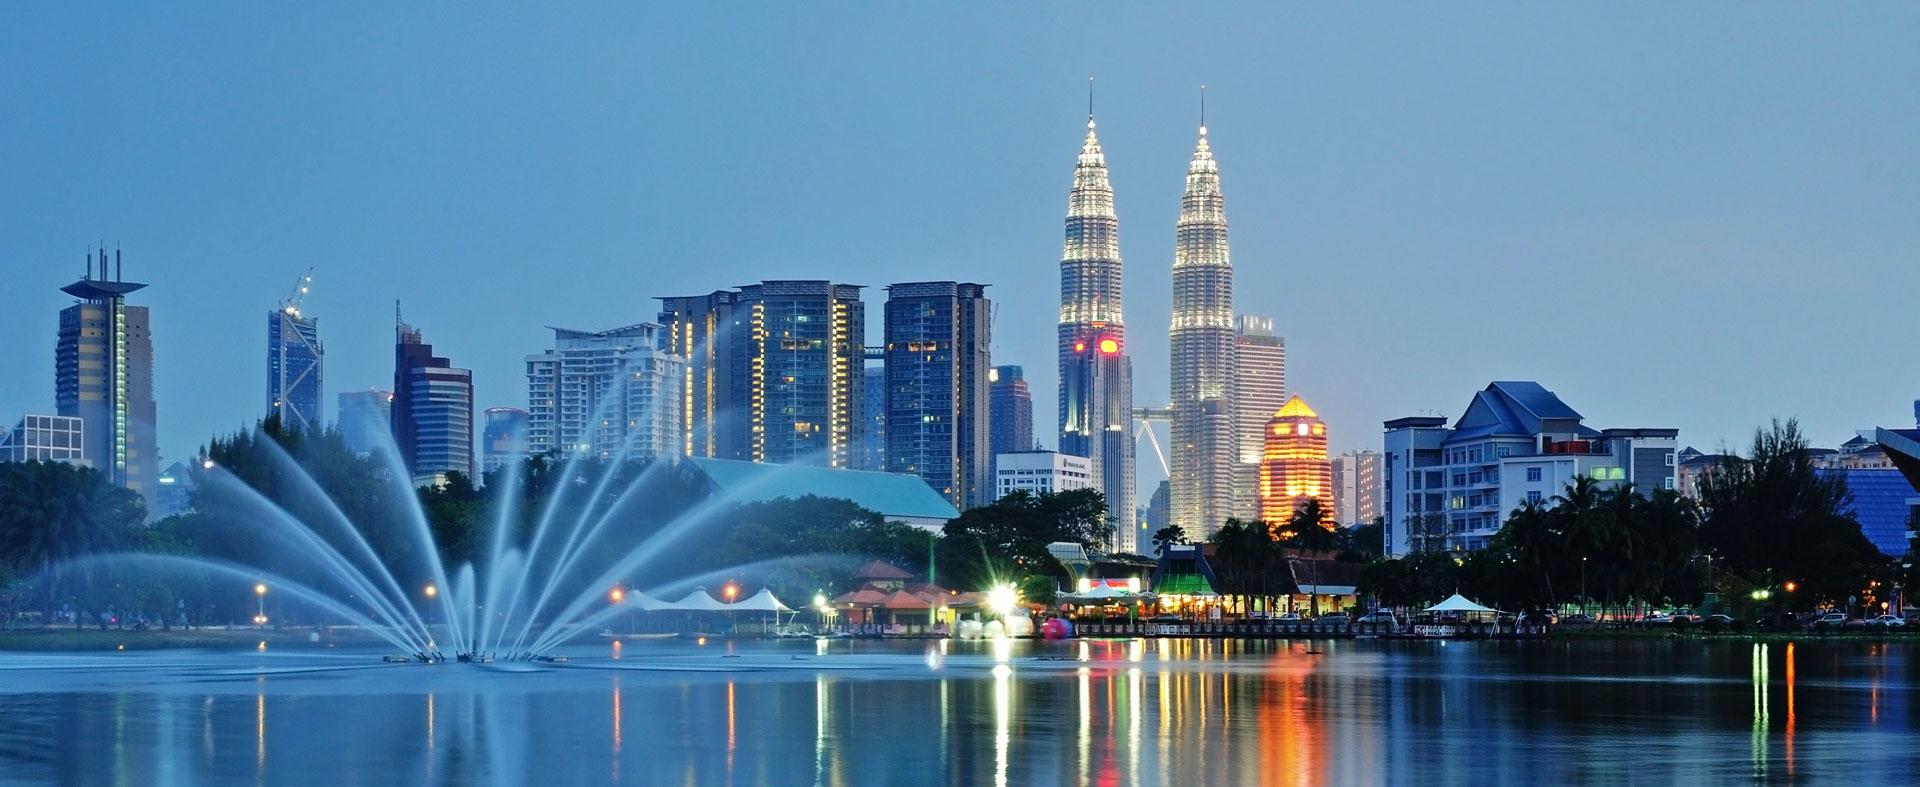 La guida delle cose da vedere in malesia for Case belle da vedere